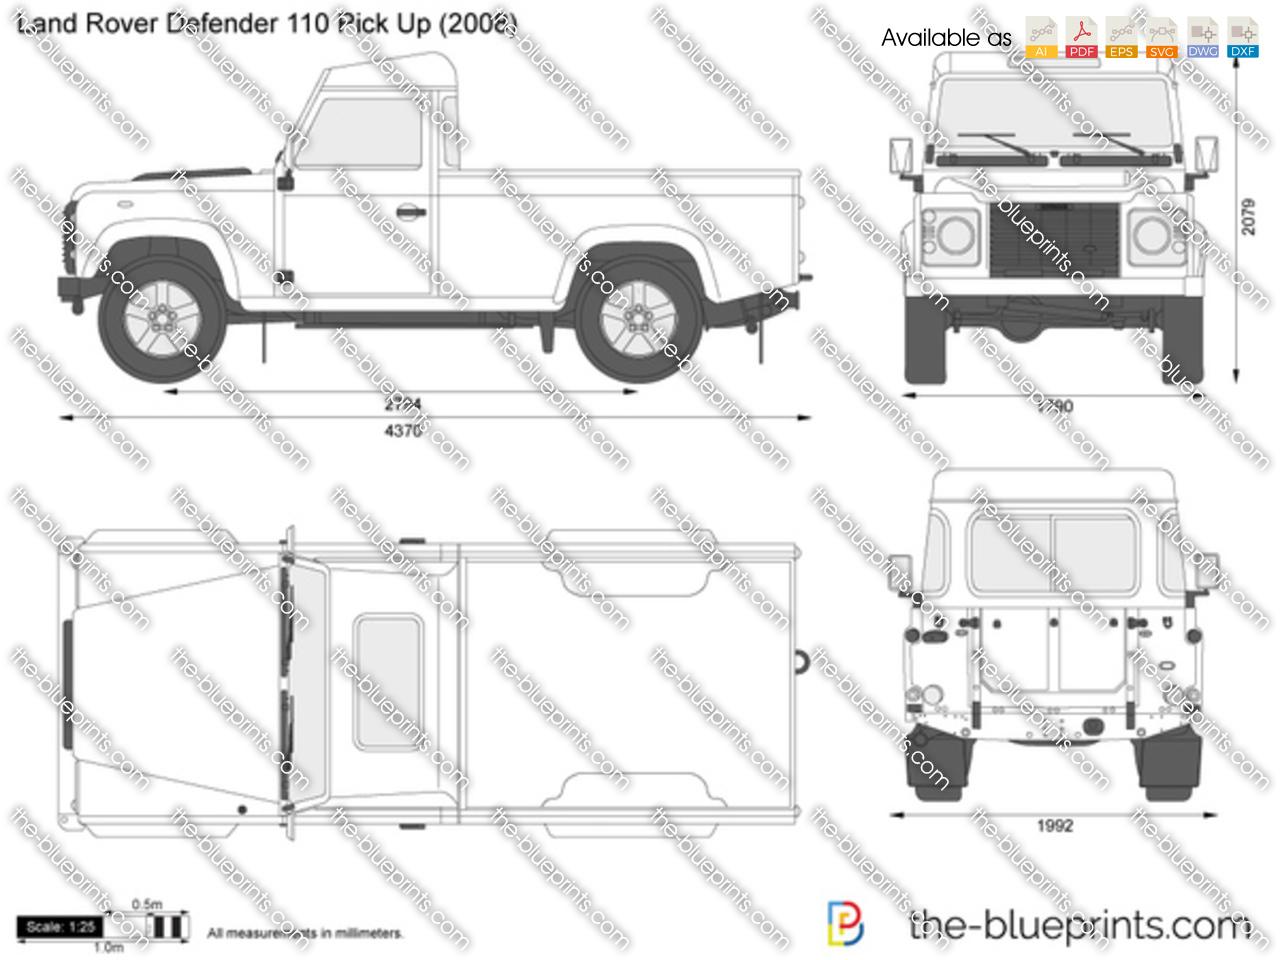 Land Rover Defender 110 Pick Up 2005